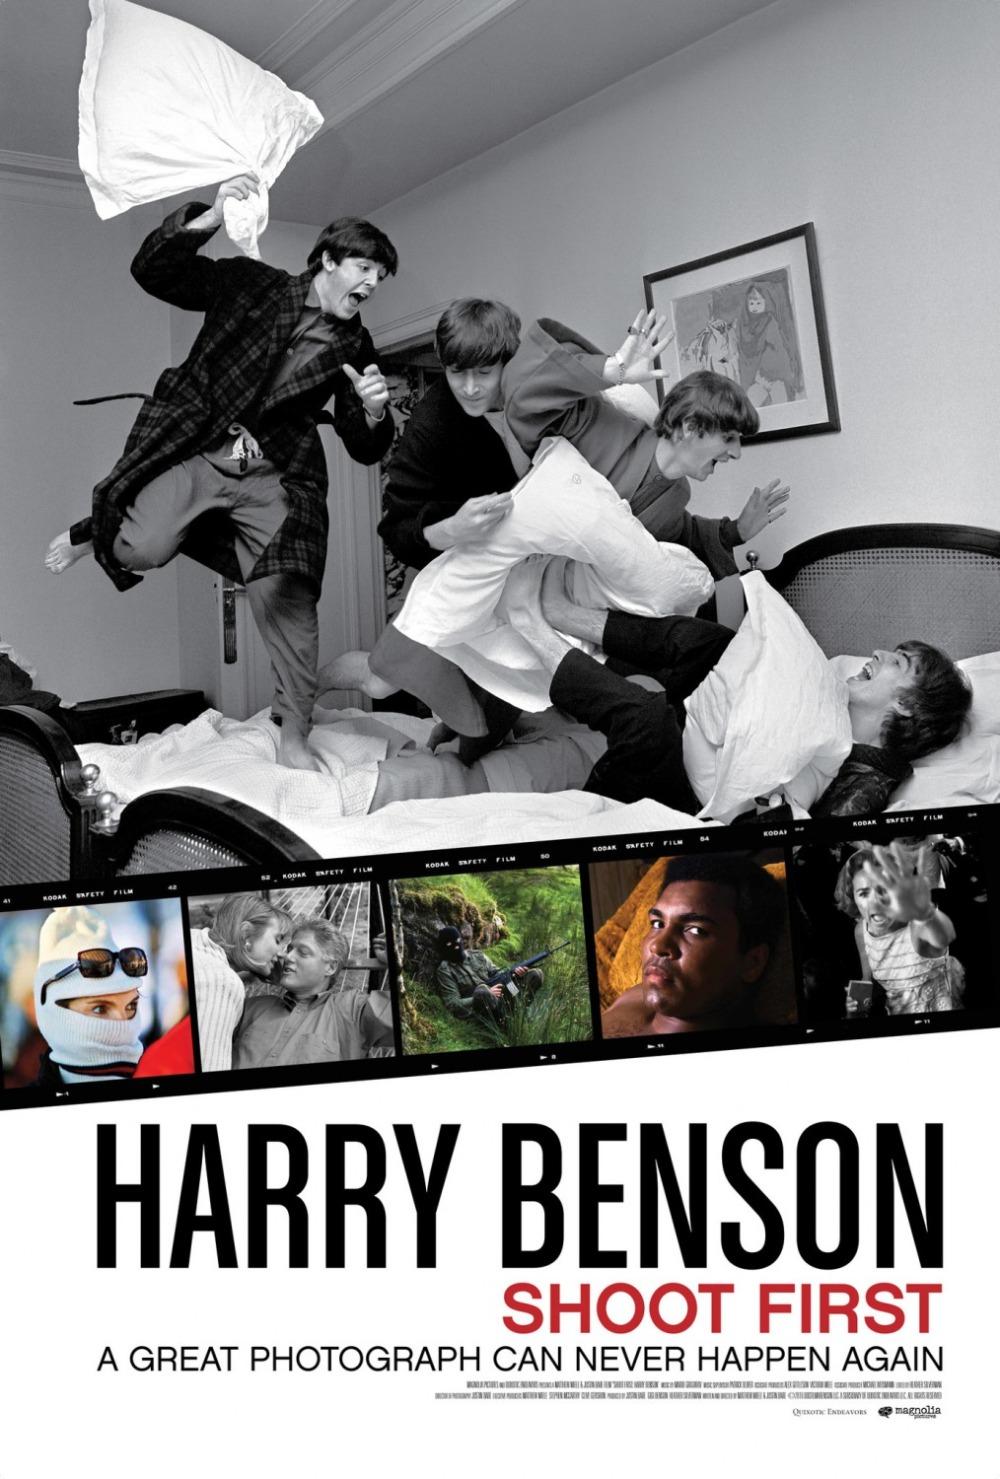 harry-benson-shoot-first-poster